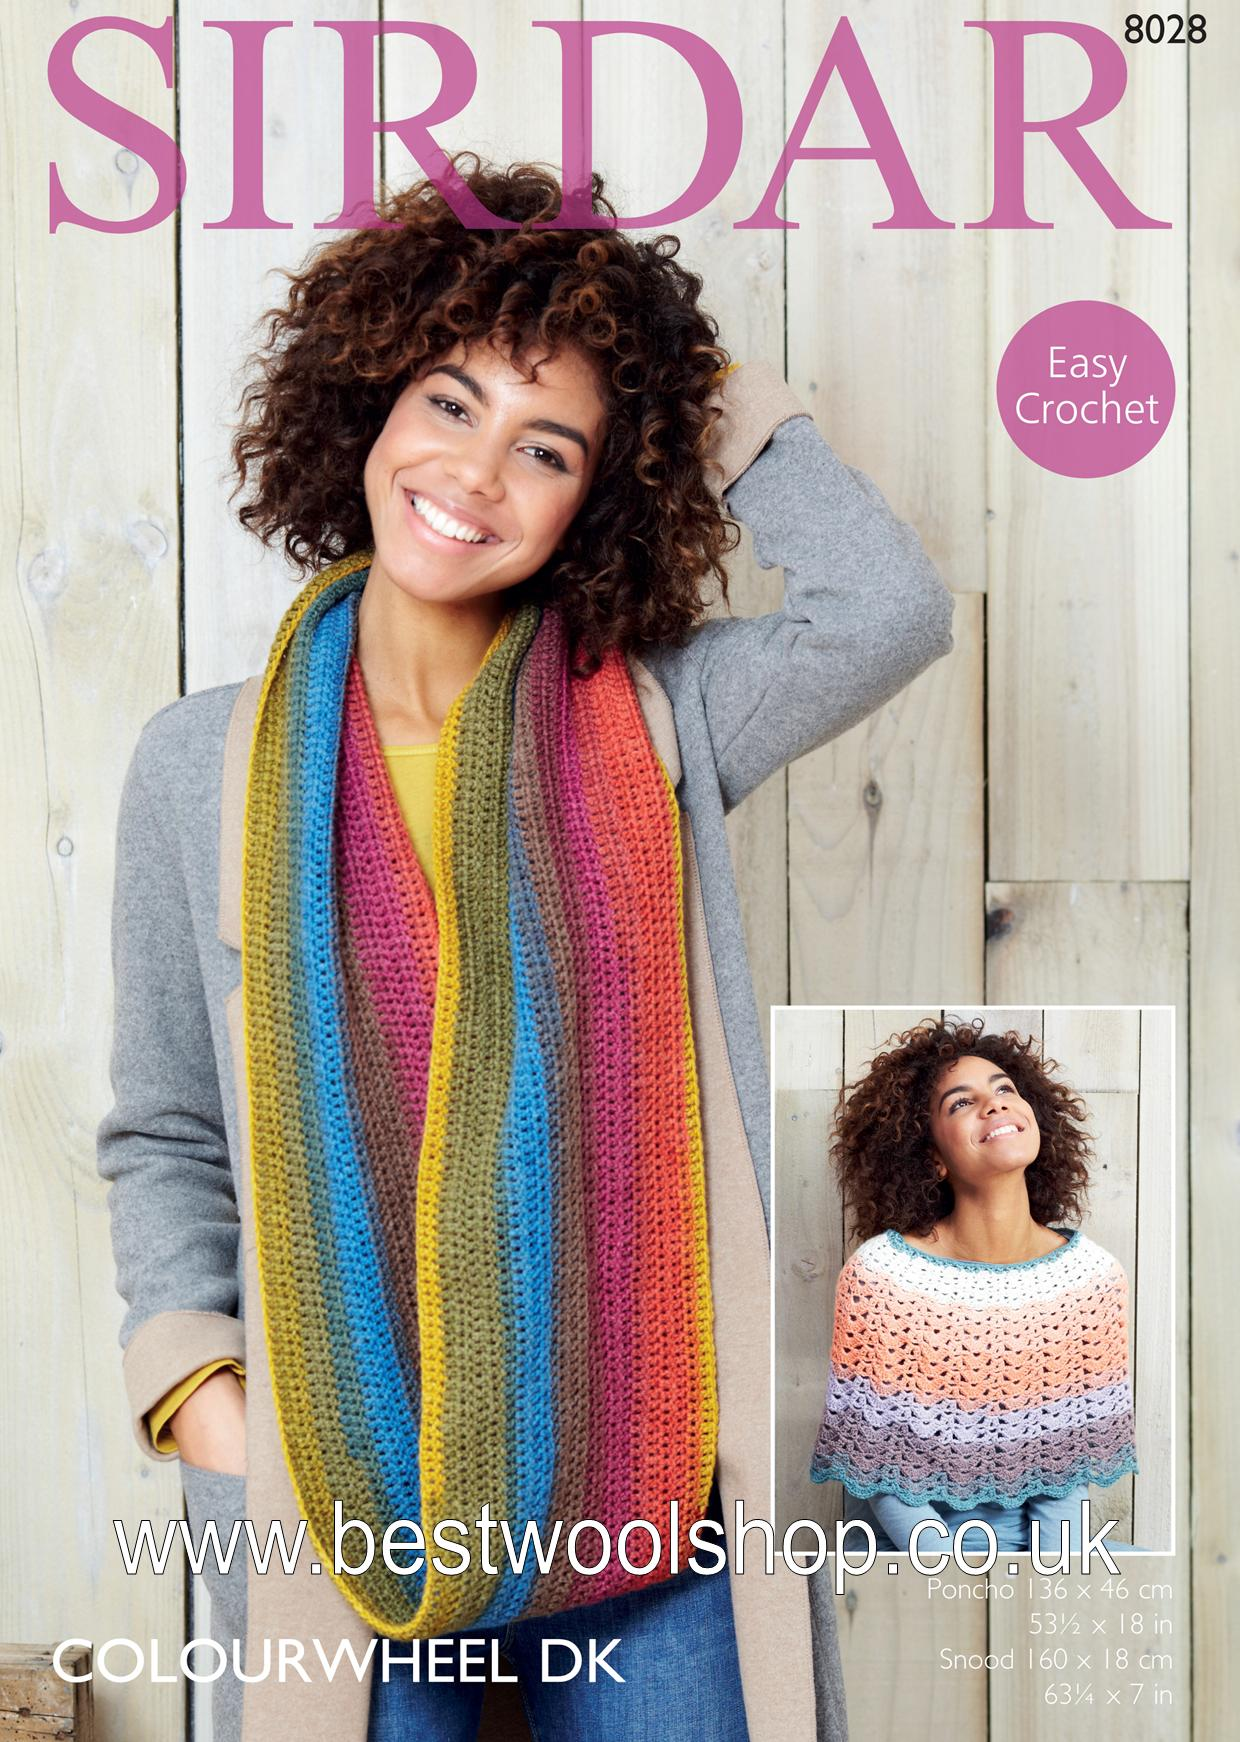 8028 Sirdar Colourwheel Dk Easy Crochet Poncho